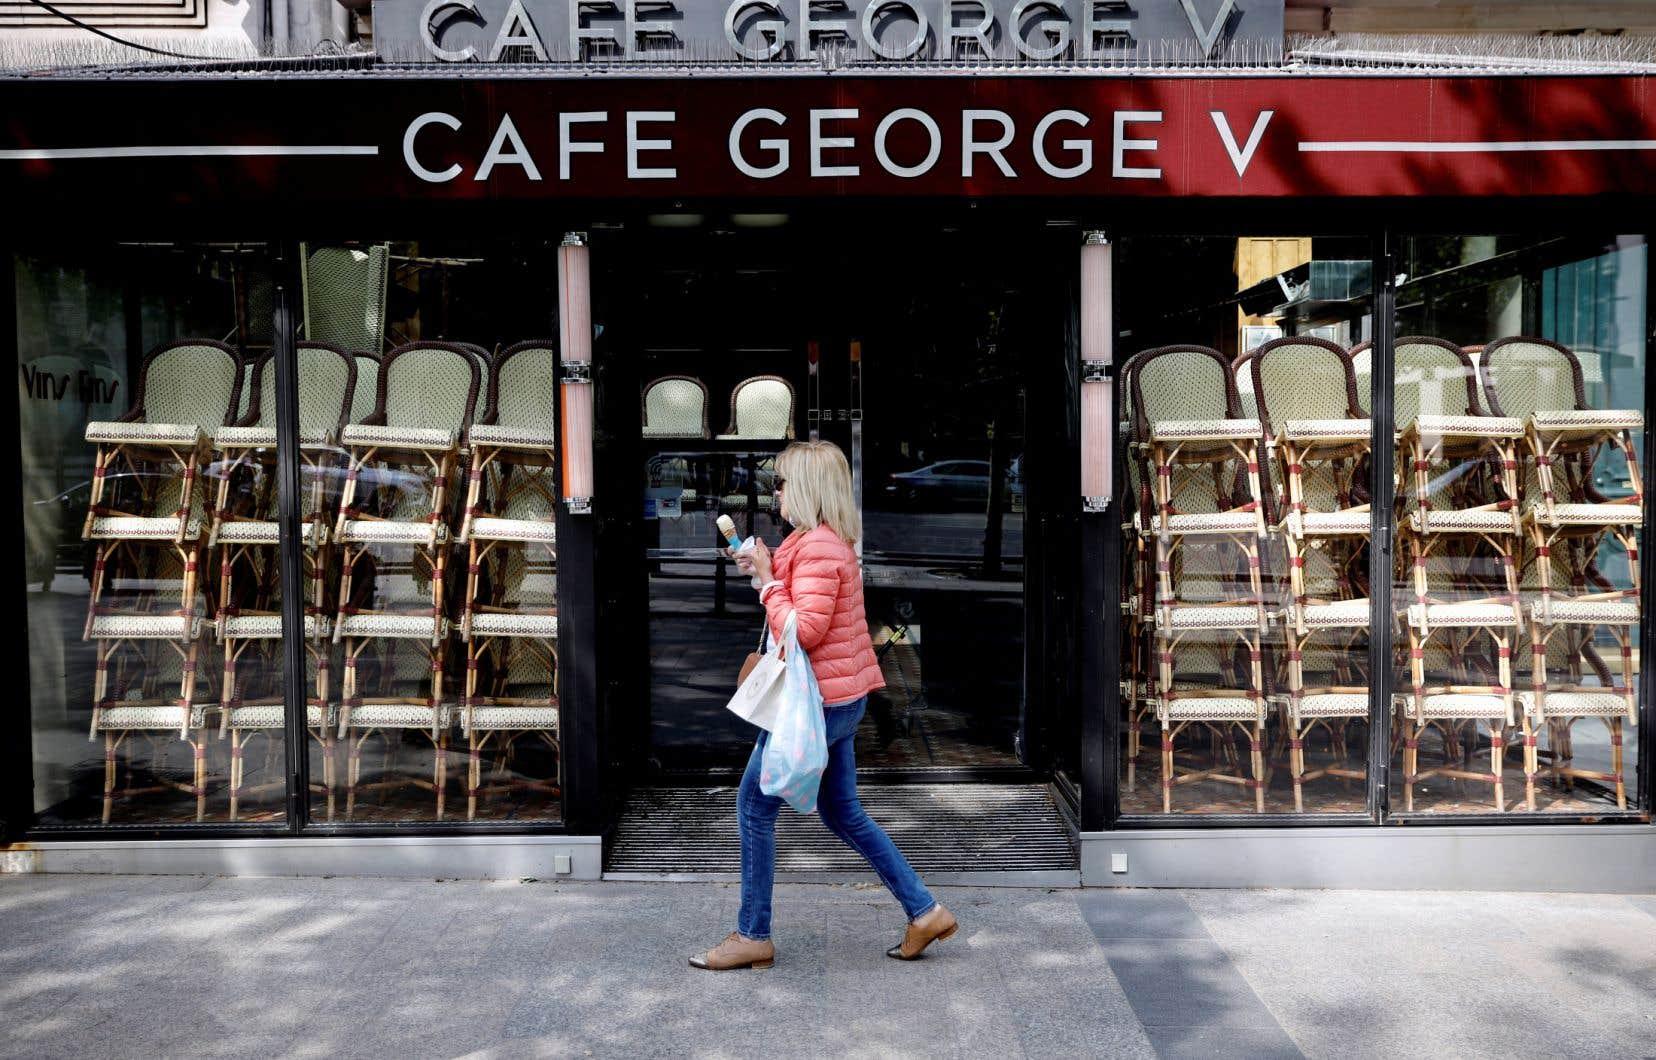 La réouverture des restaurants, cafés et bars est prévue à partir du 2 juin.